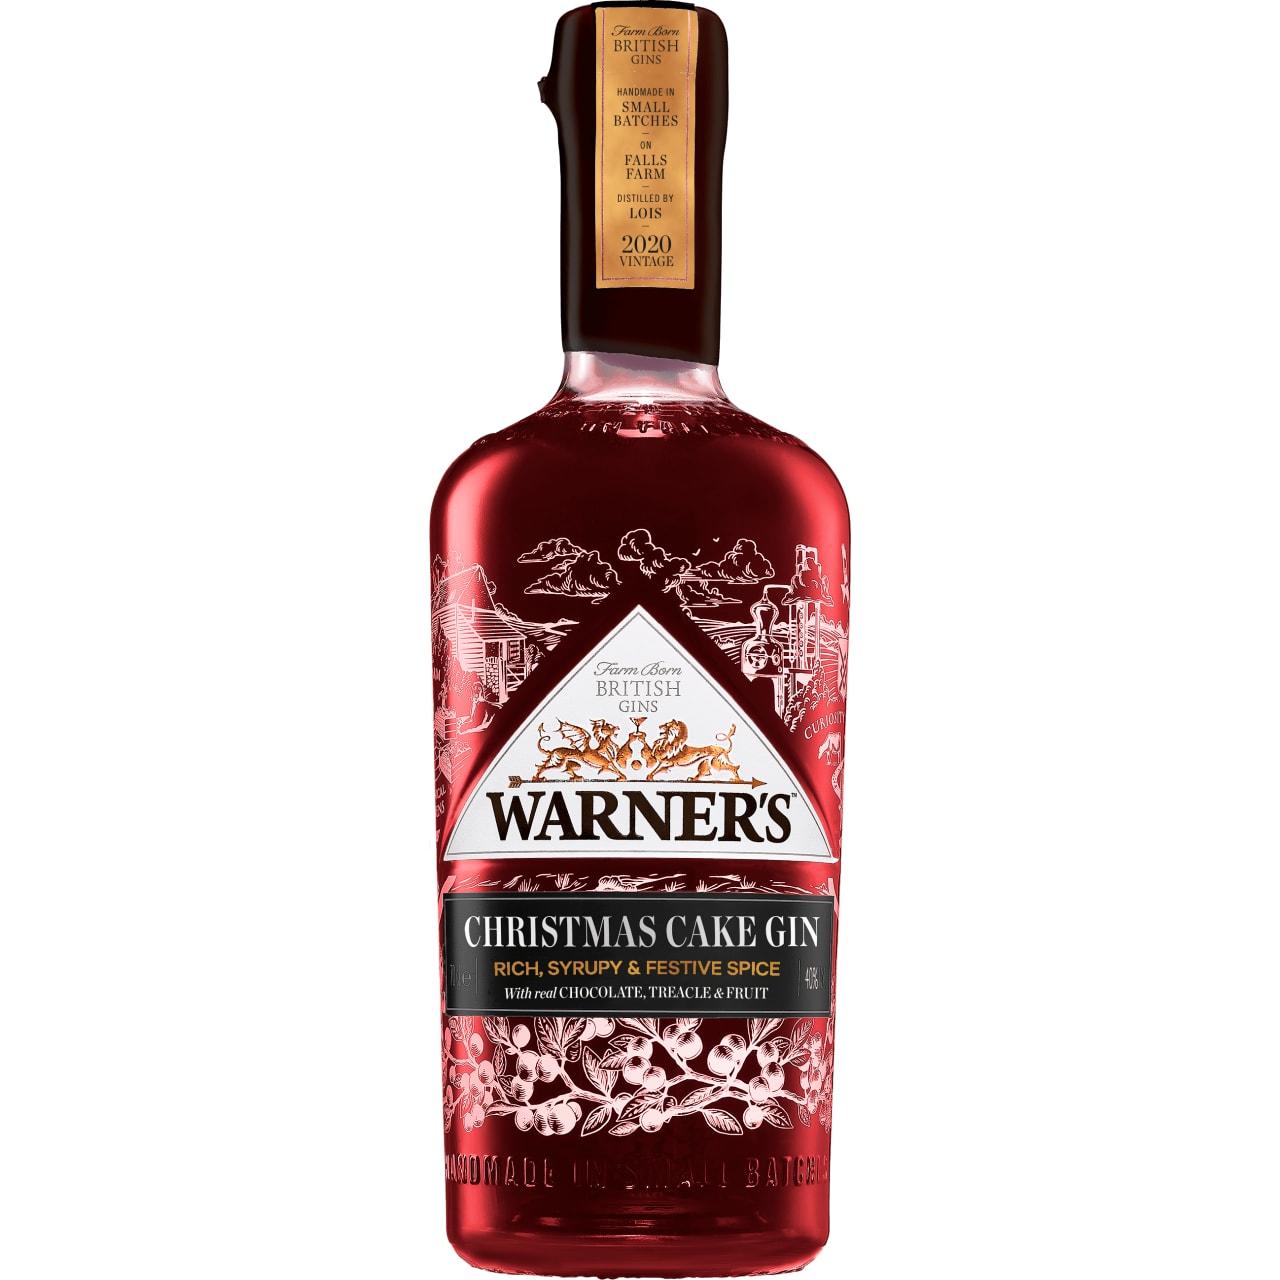 Product Image - Warner's Christmas Cake Gin 2020